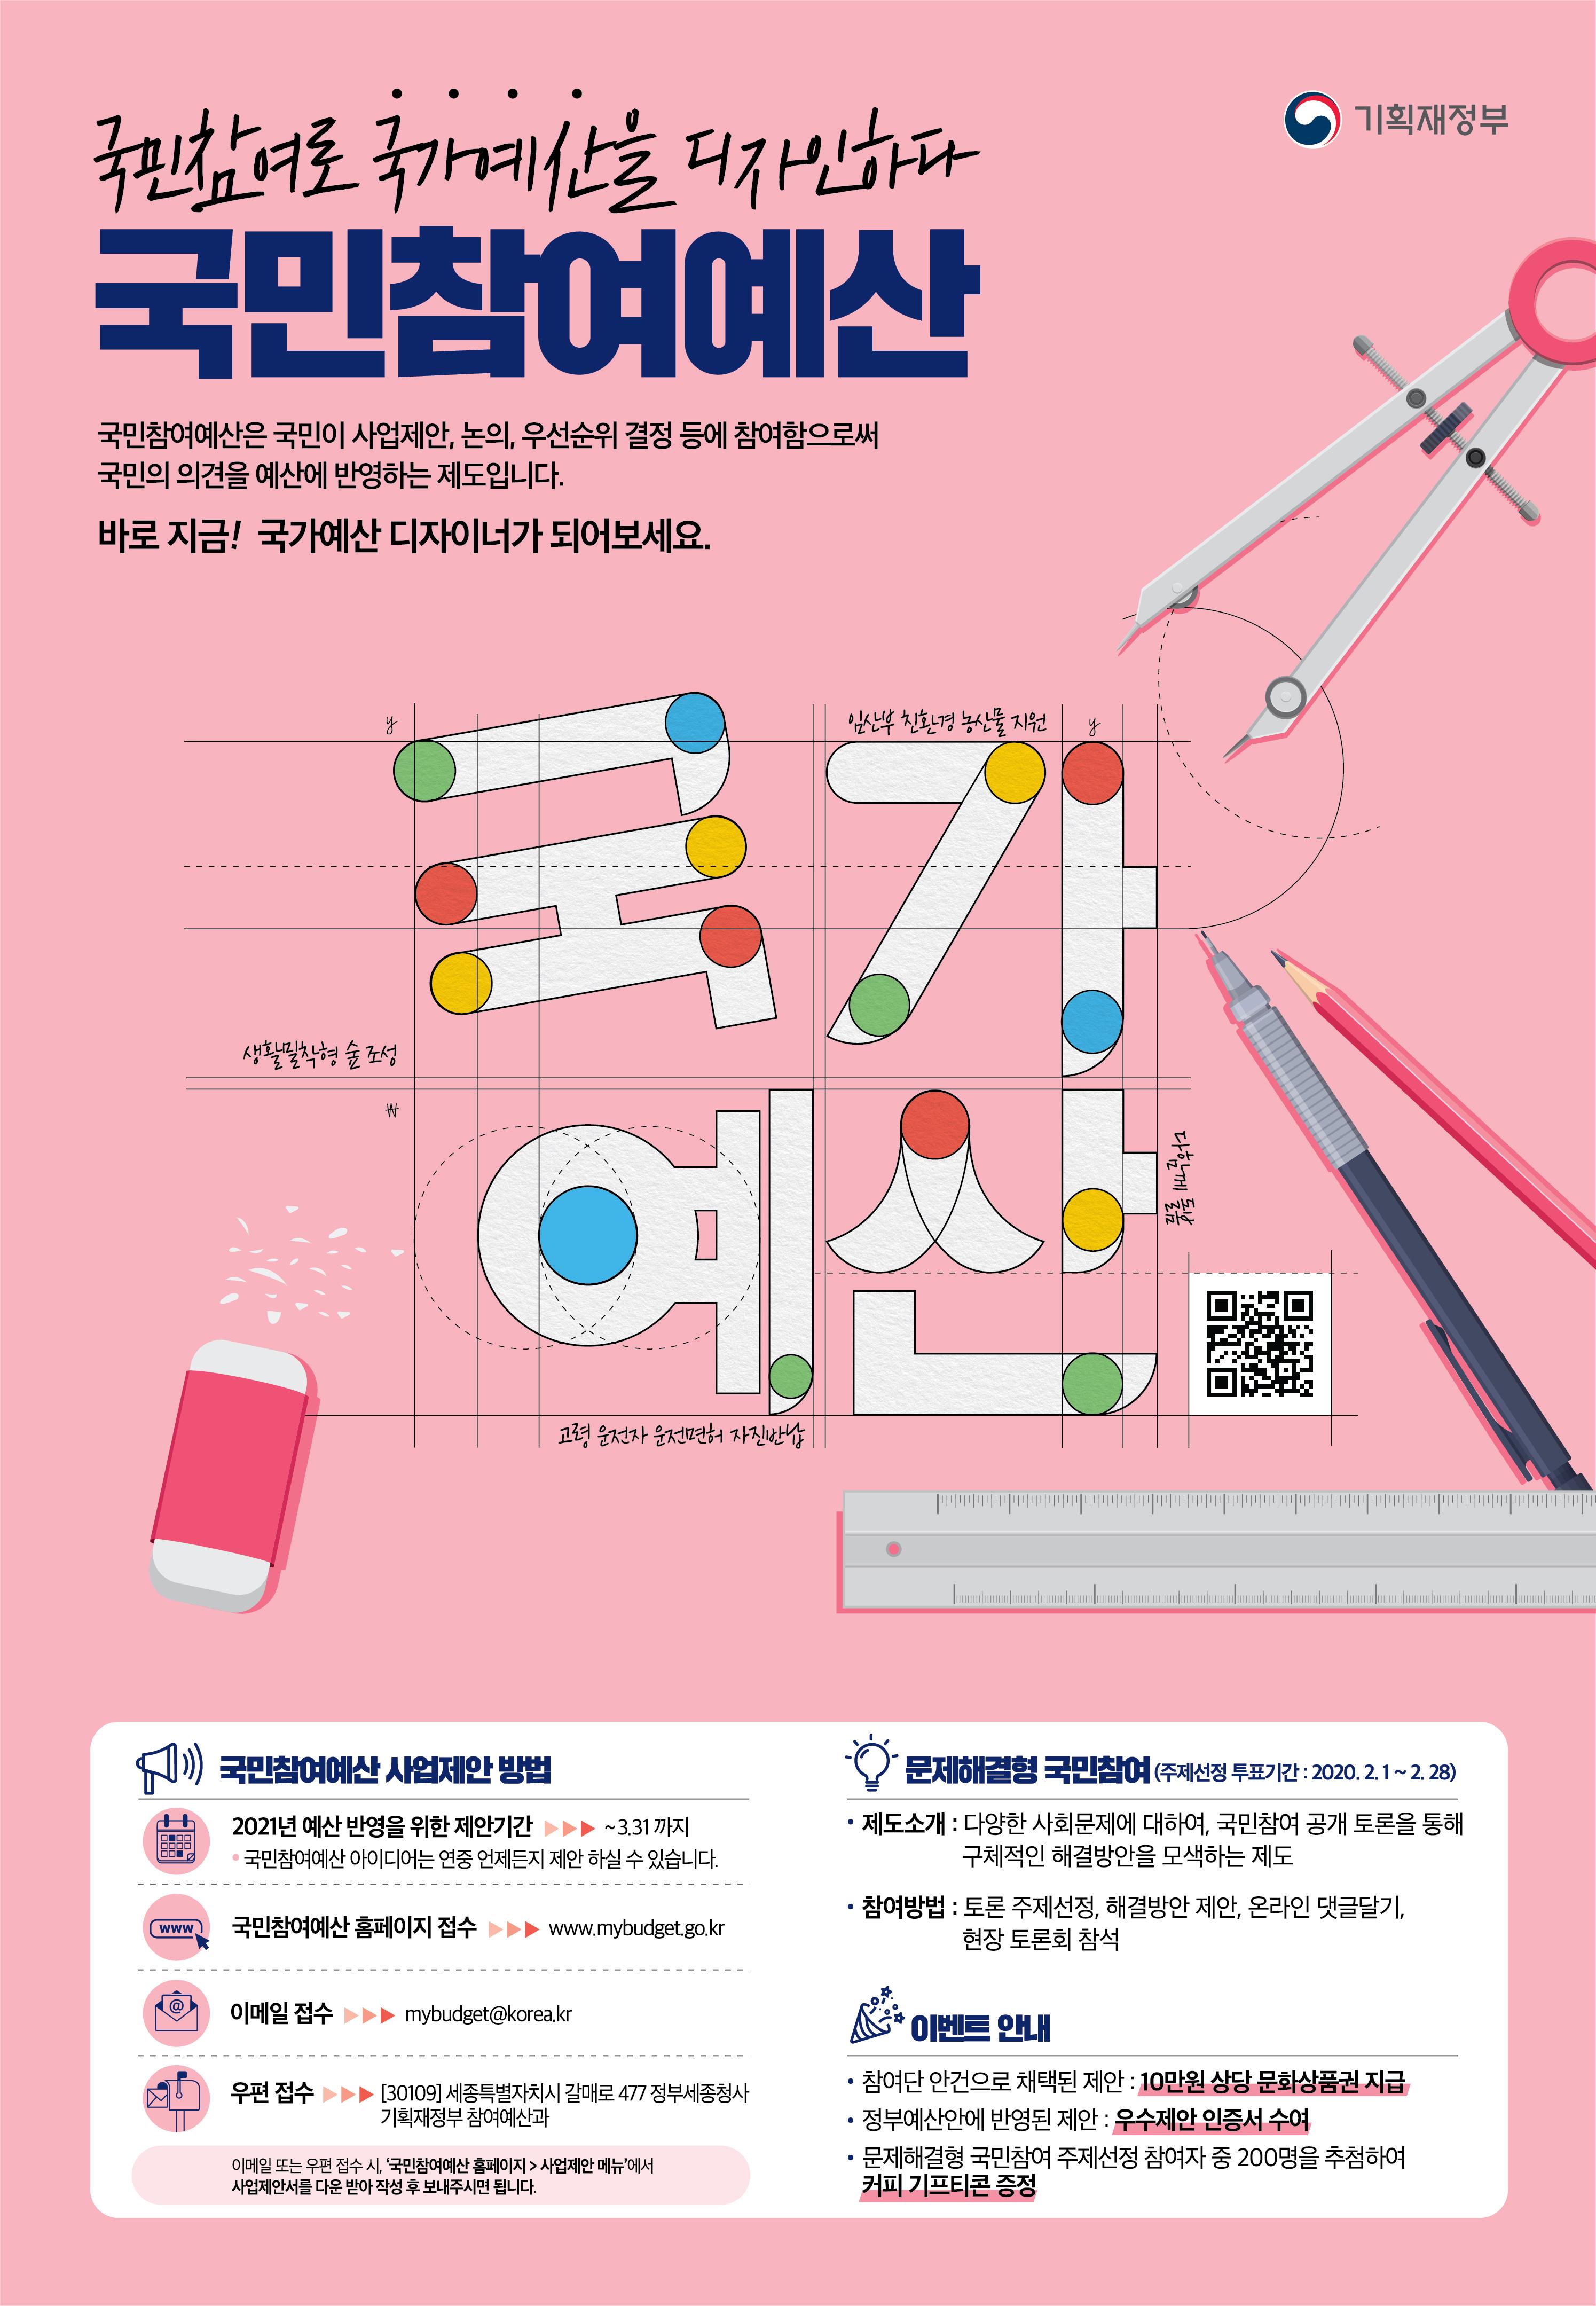 '국민참여로 국가예산을 디자인하다'라는 슬로건과 함께 국민참여예산을 소개한 포스터다.(출처=국민참여예산)